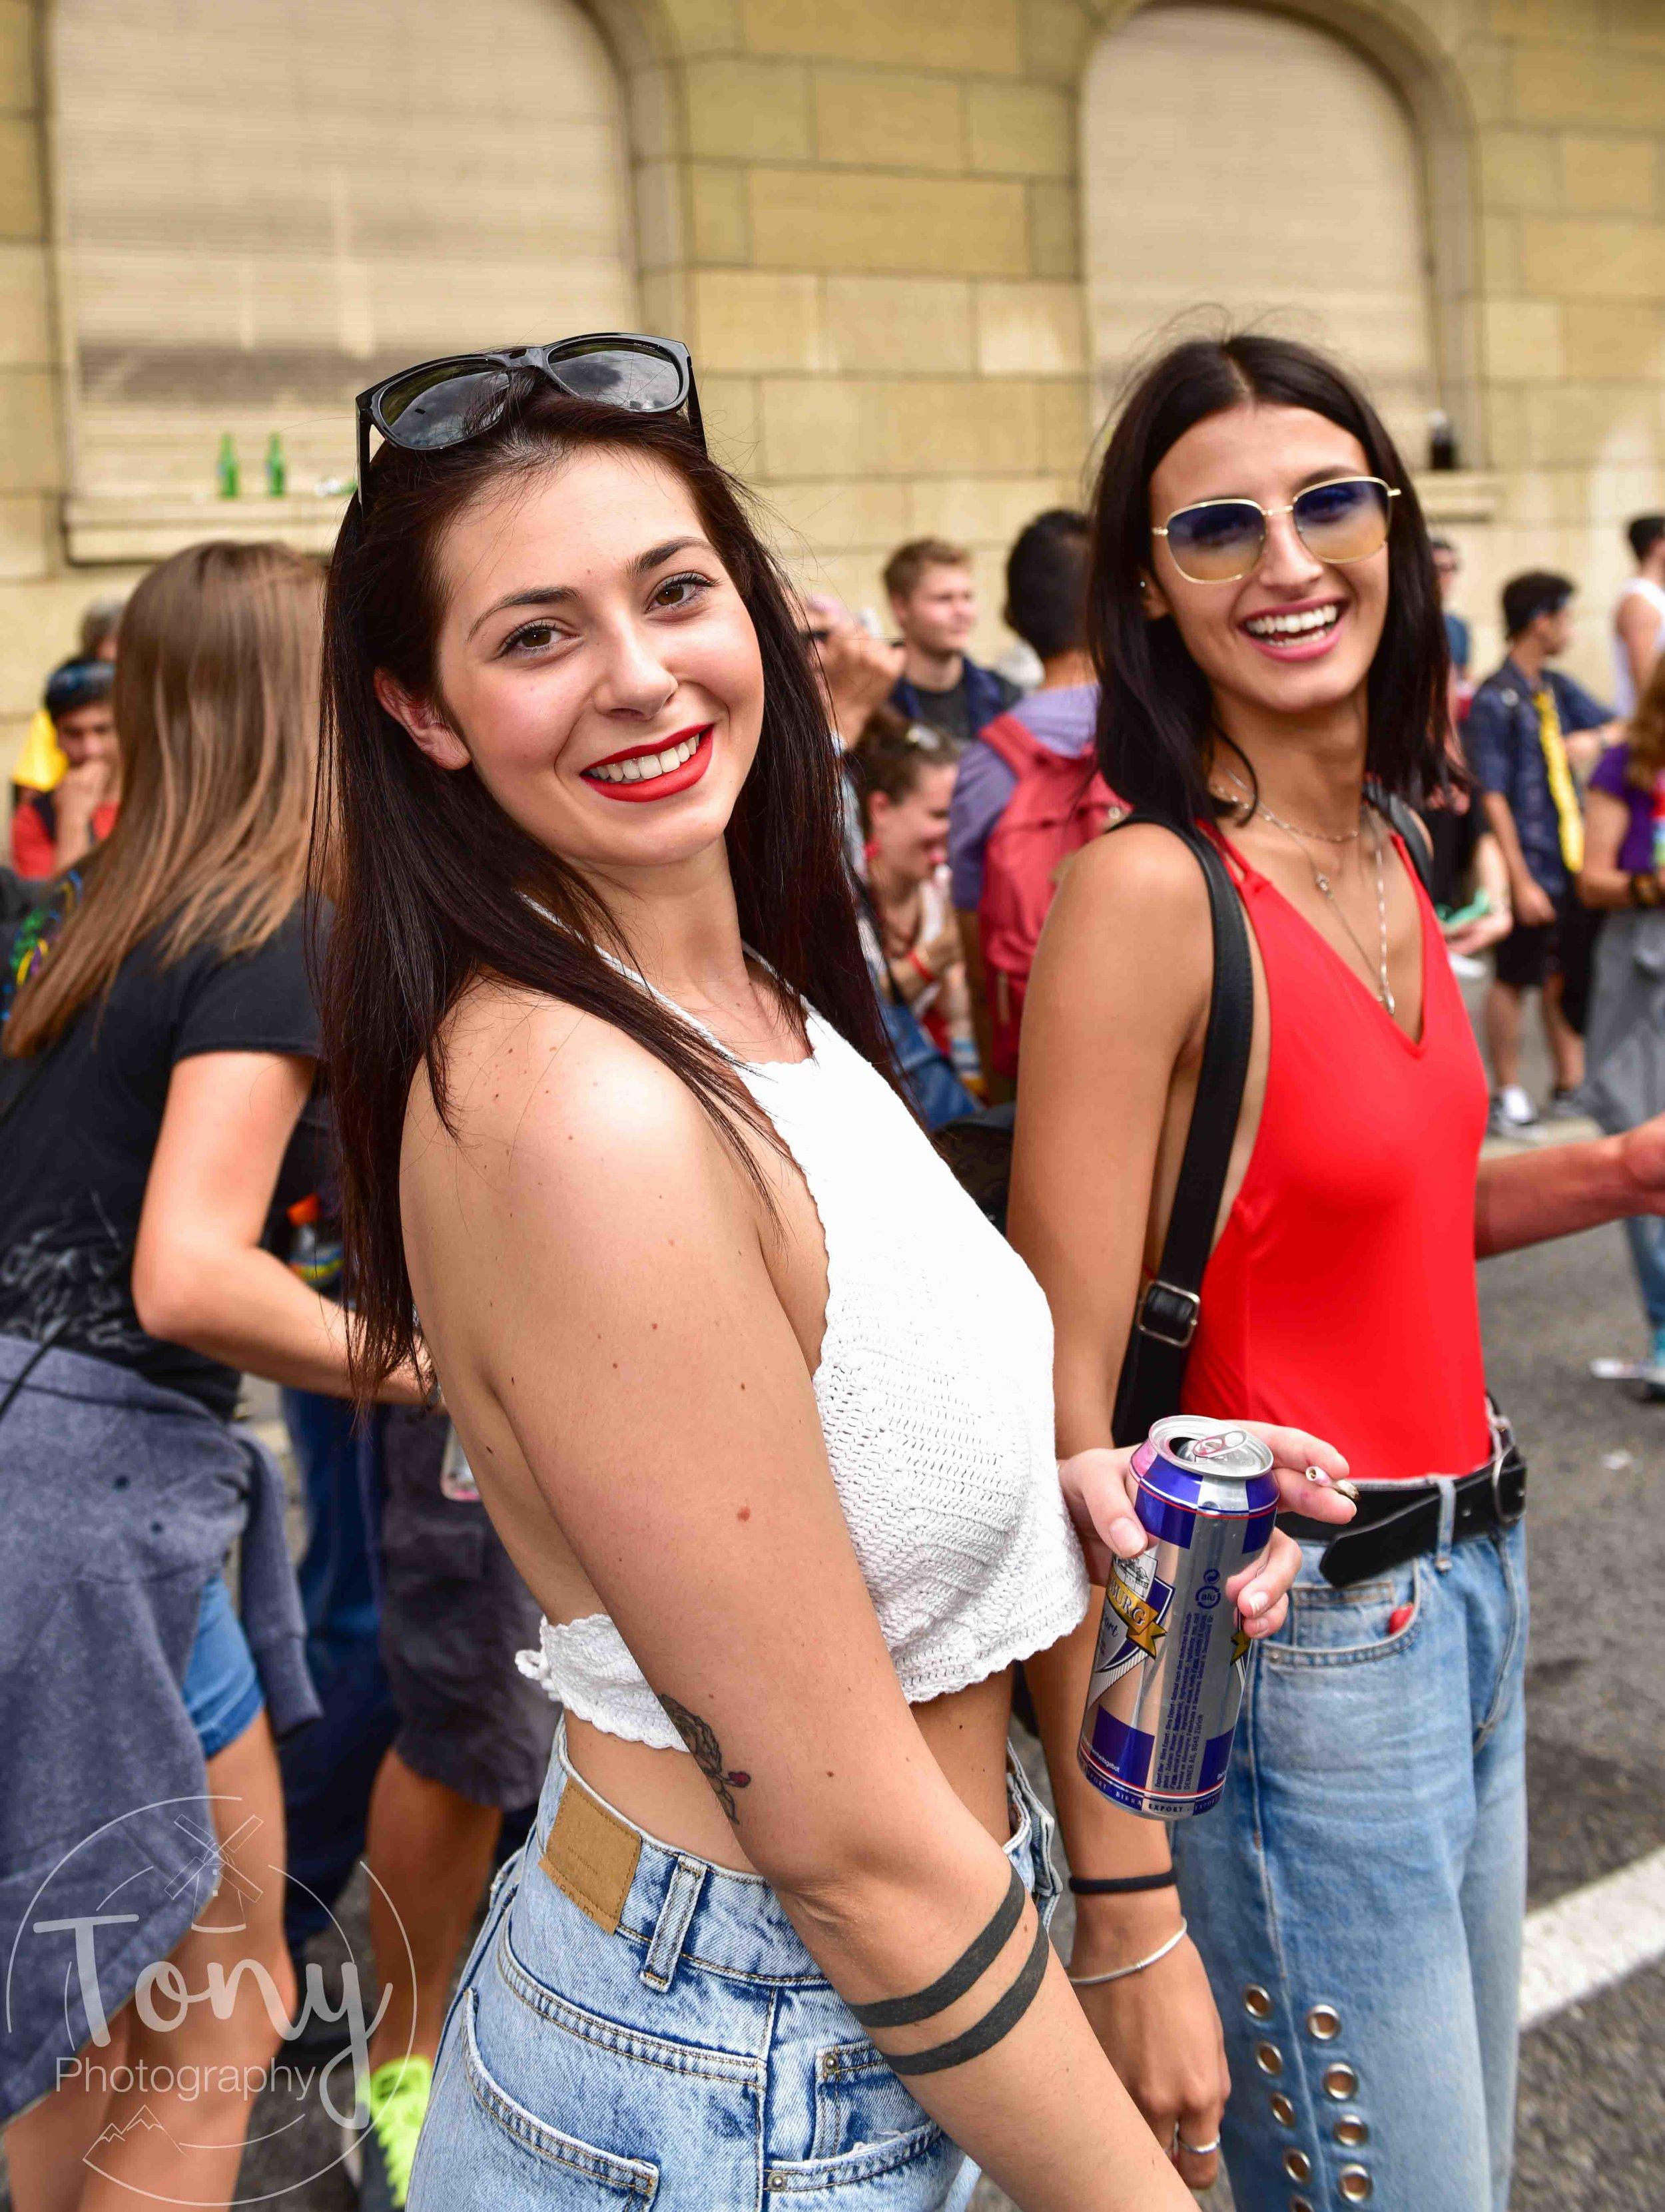 streetparade-109.jpg